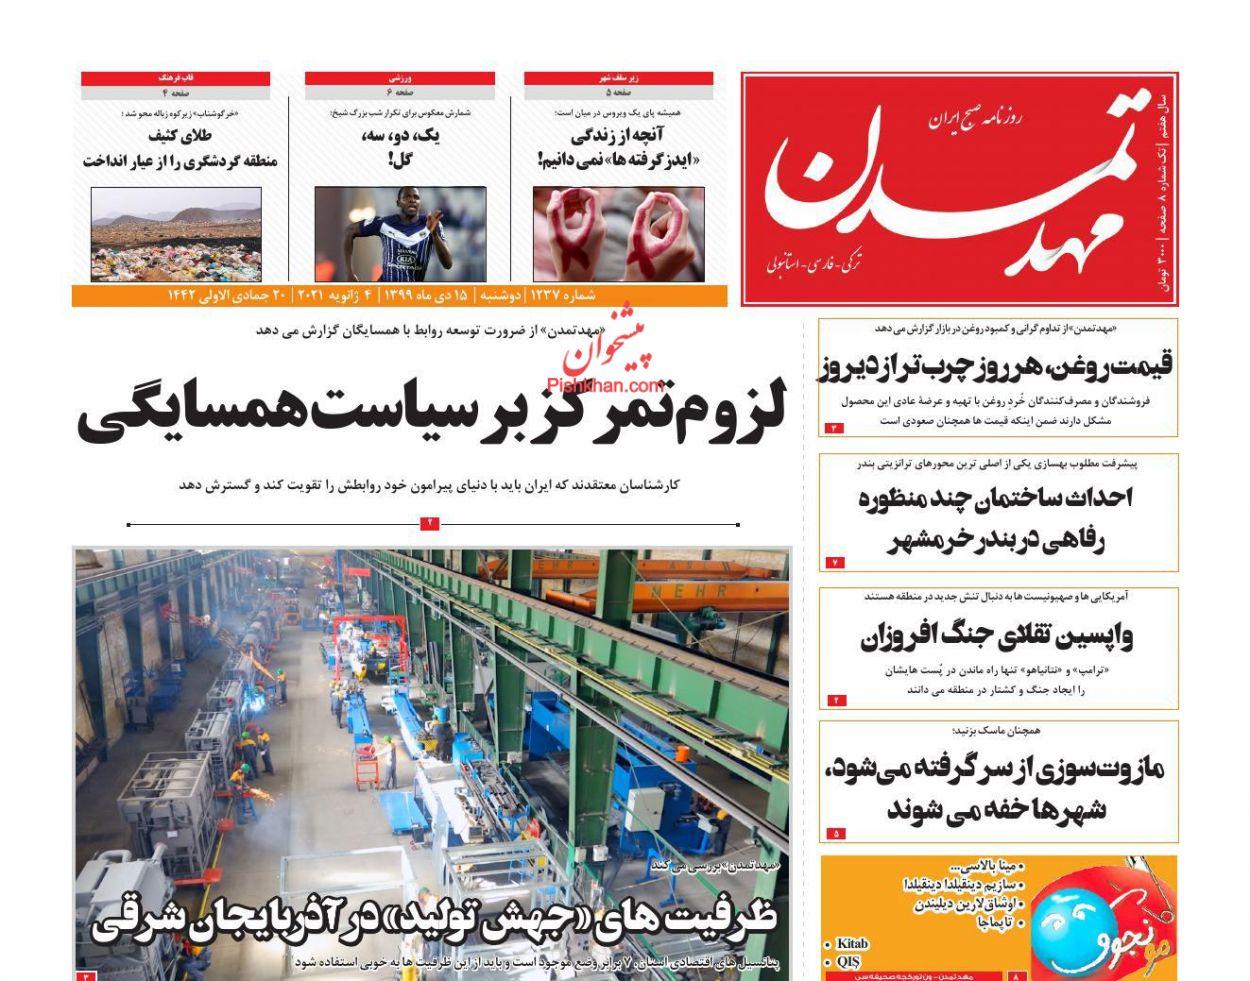 عناوین اخبار روزنامه مهد تمدن در روز دوشنبه ۱۵ دی